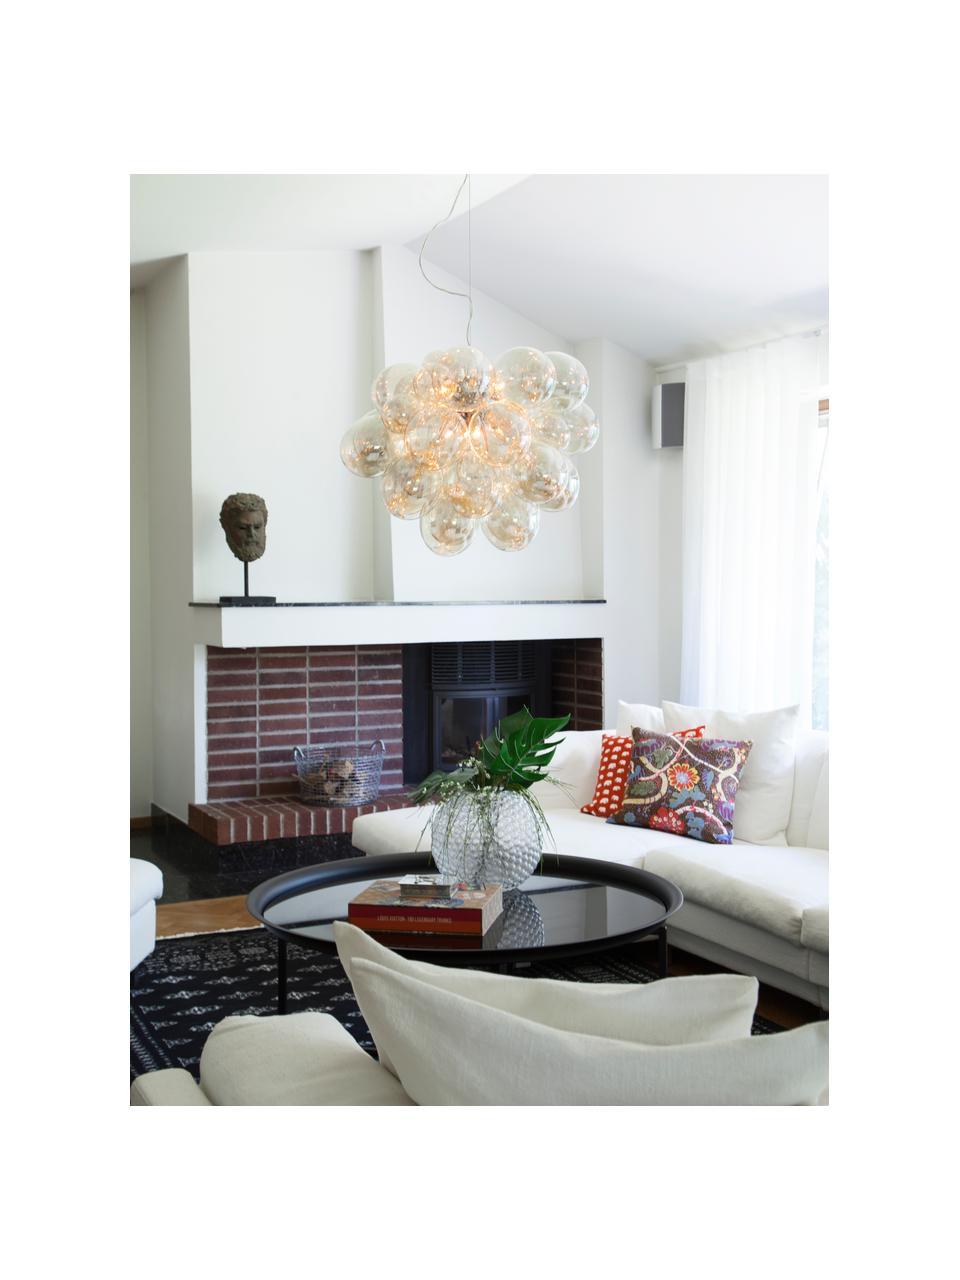 Lampada a sospensione con sfere di vetro Gross Grande, Baldacchino: nichel cromato, Ambrato, Ø 62 x Alt. 50 cm